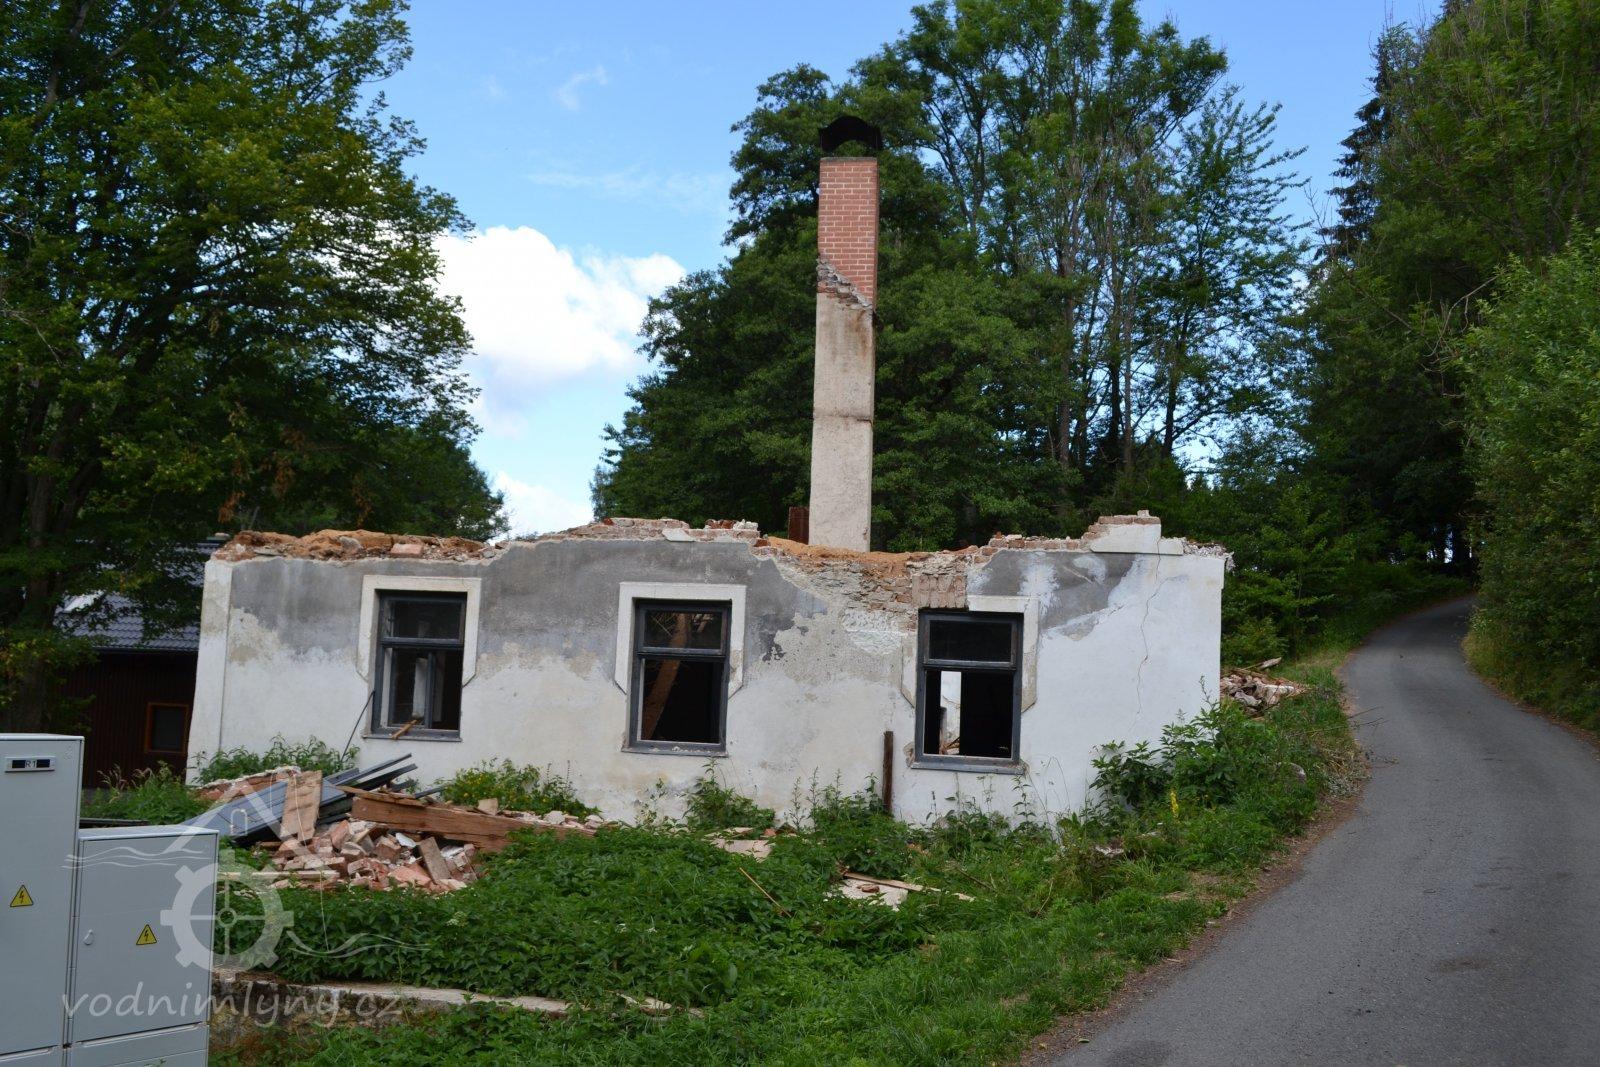 Výsledek obrázku pro vesnice Rajské